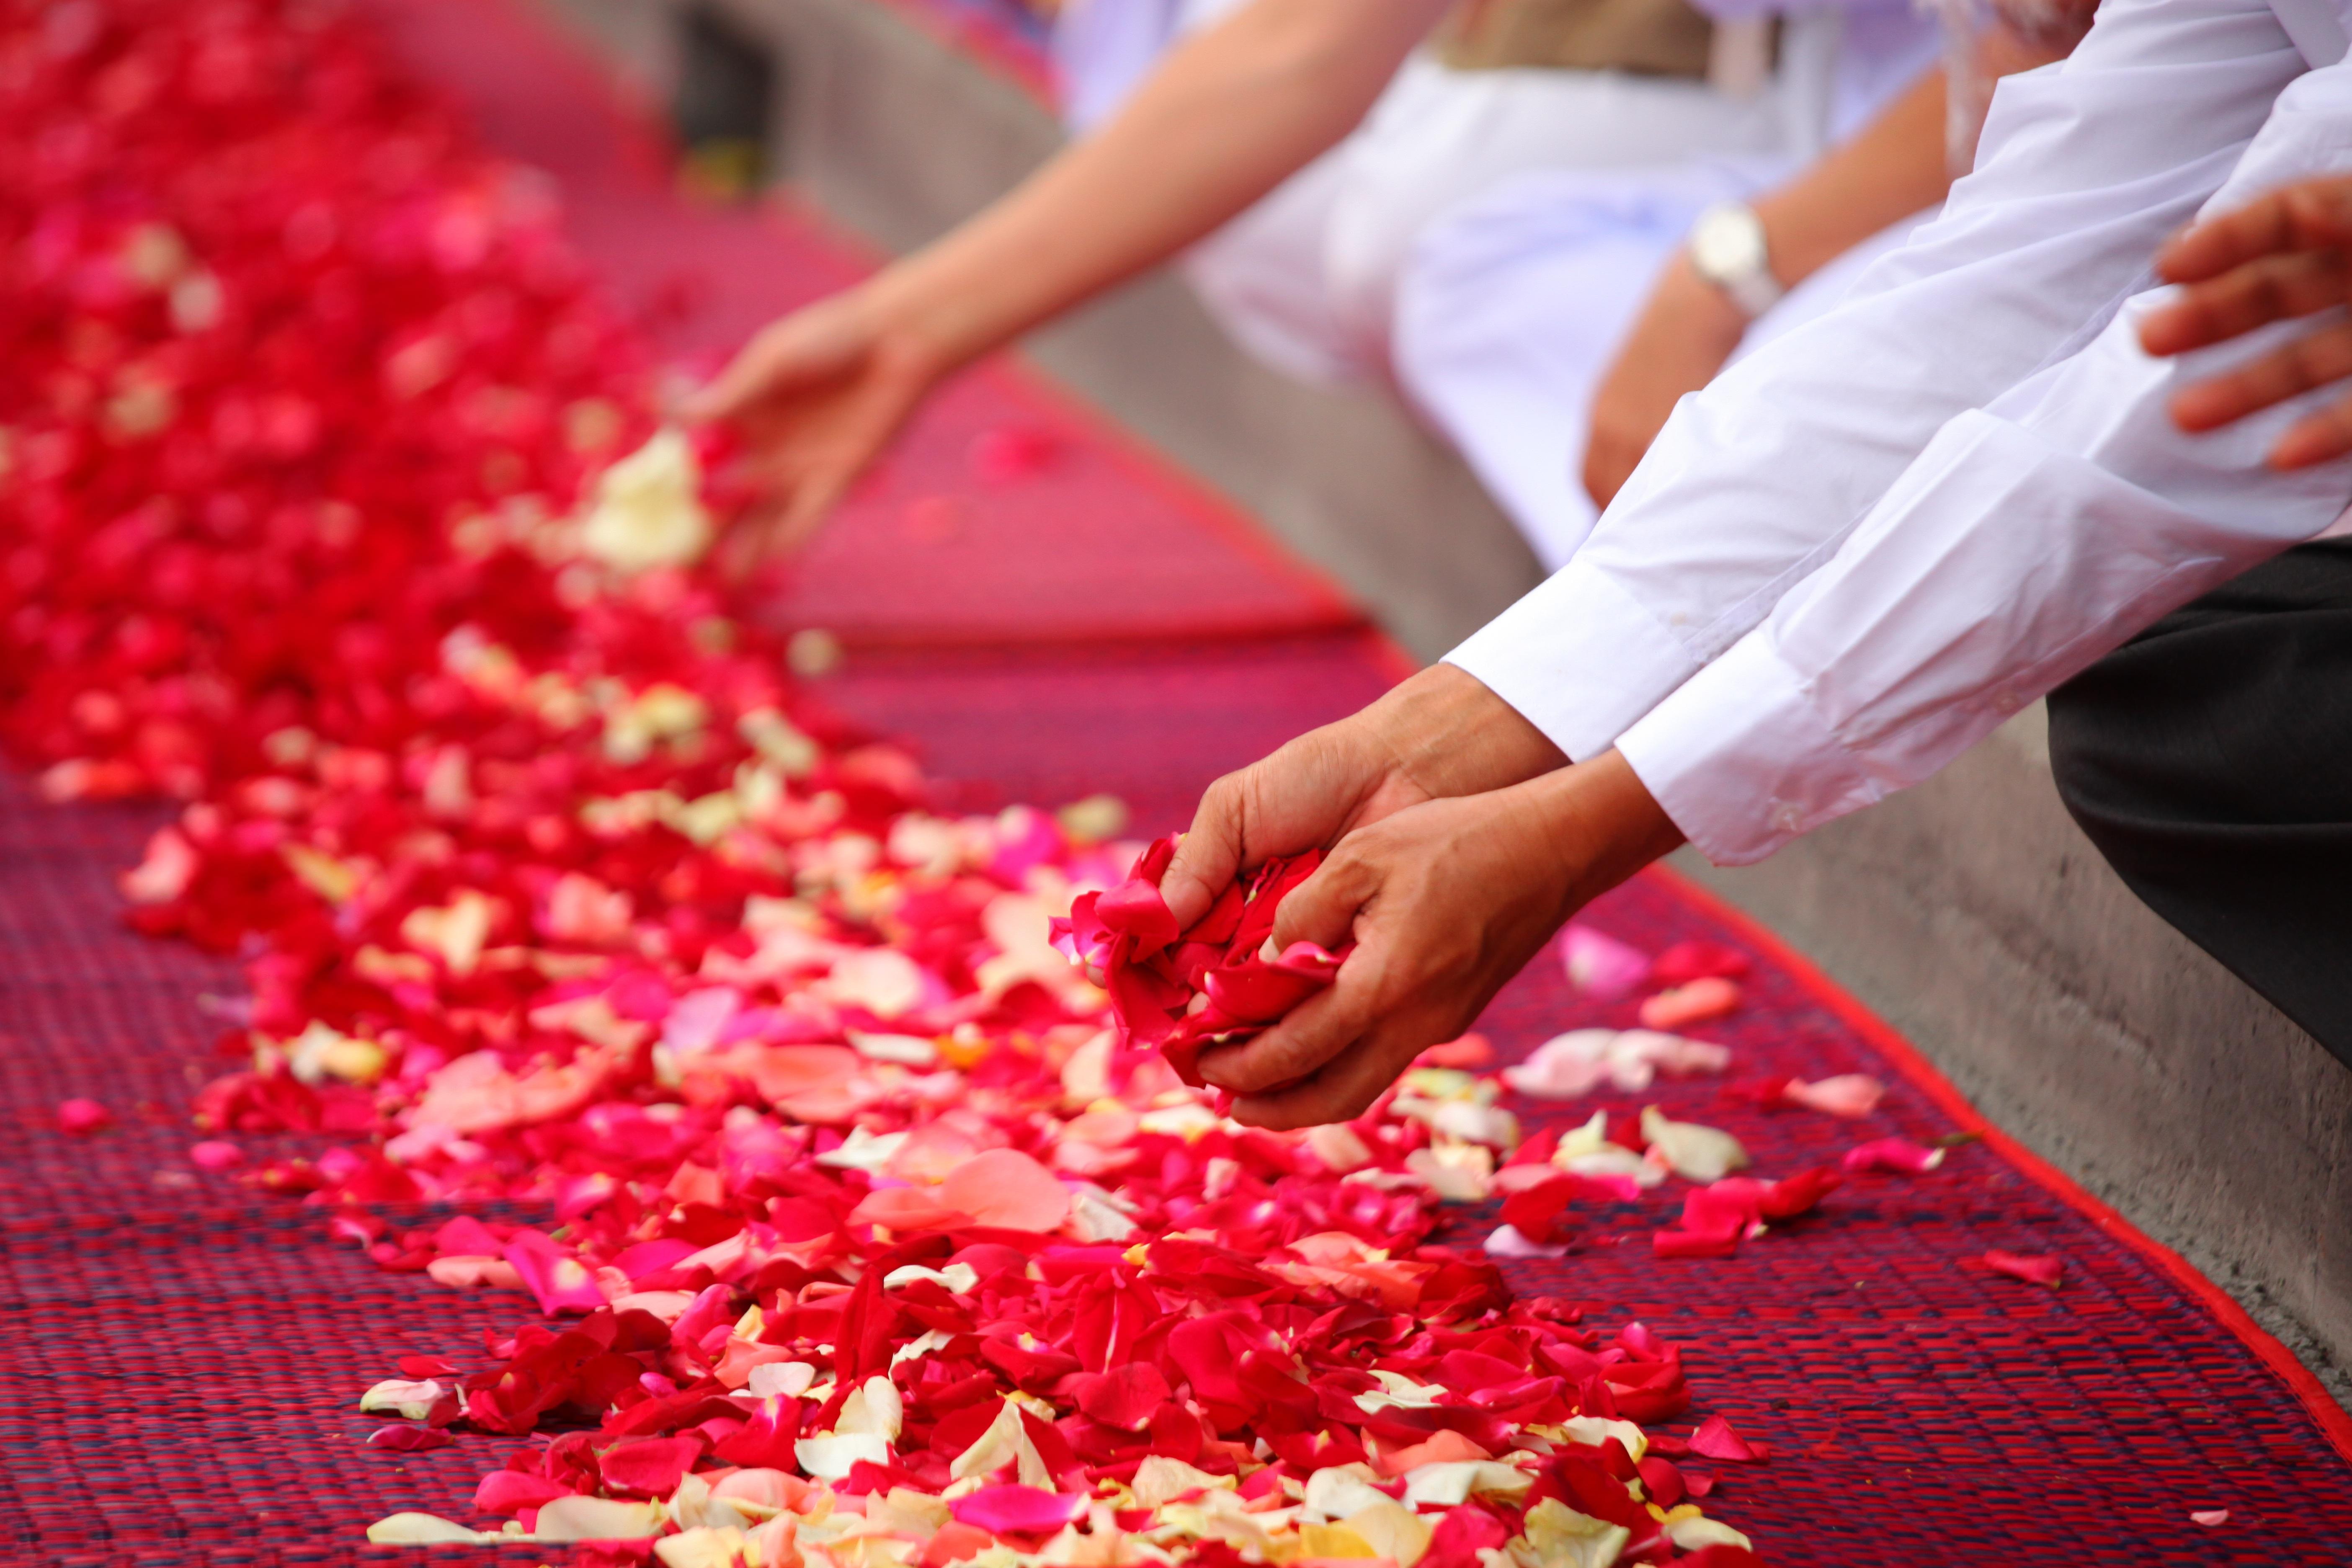 Images Gratuites Gens Plante Fleur Petale Sol Decoration